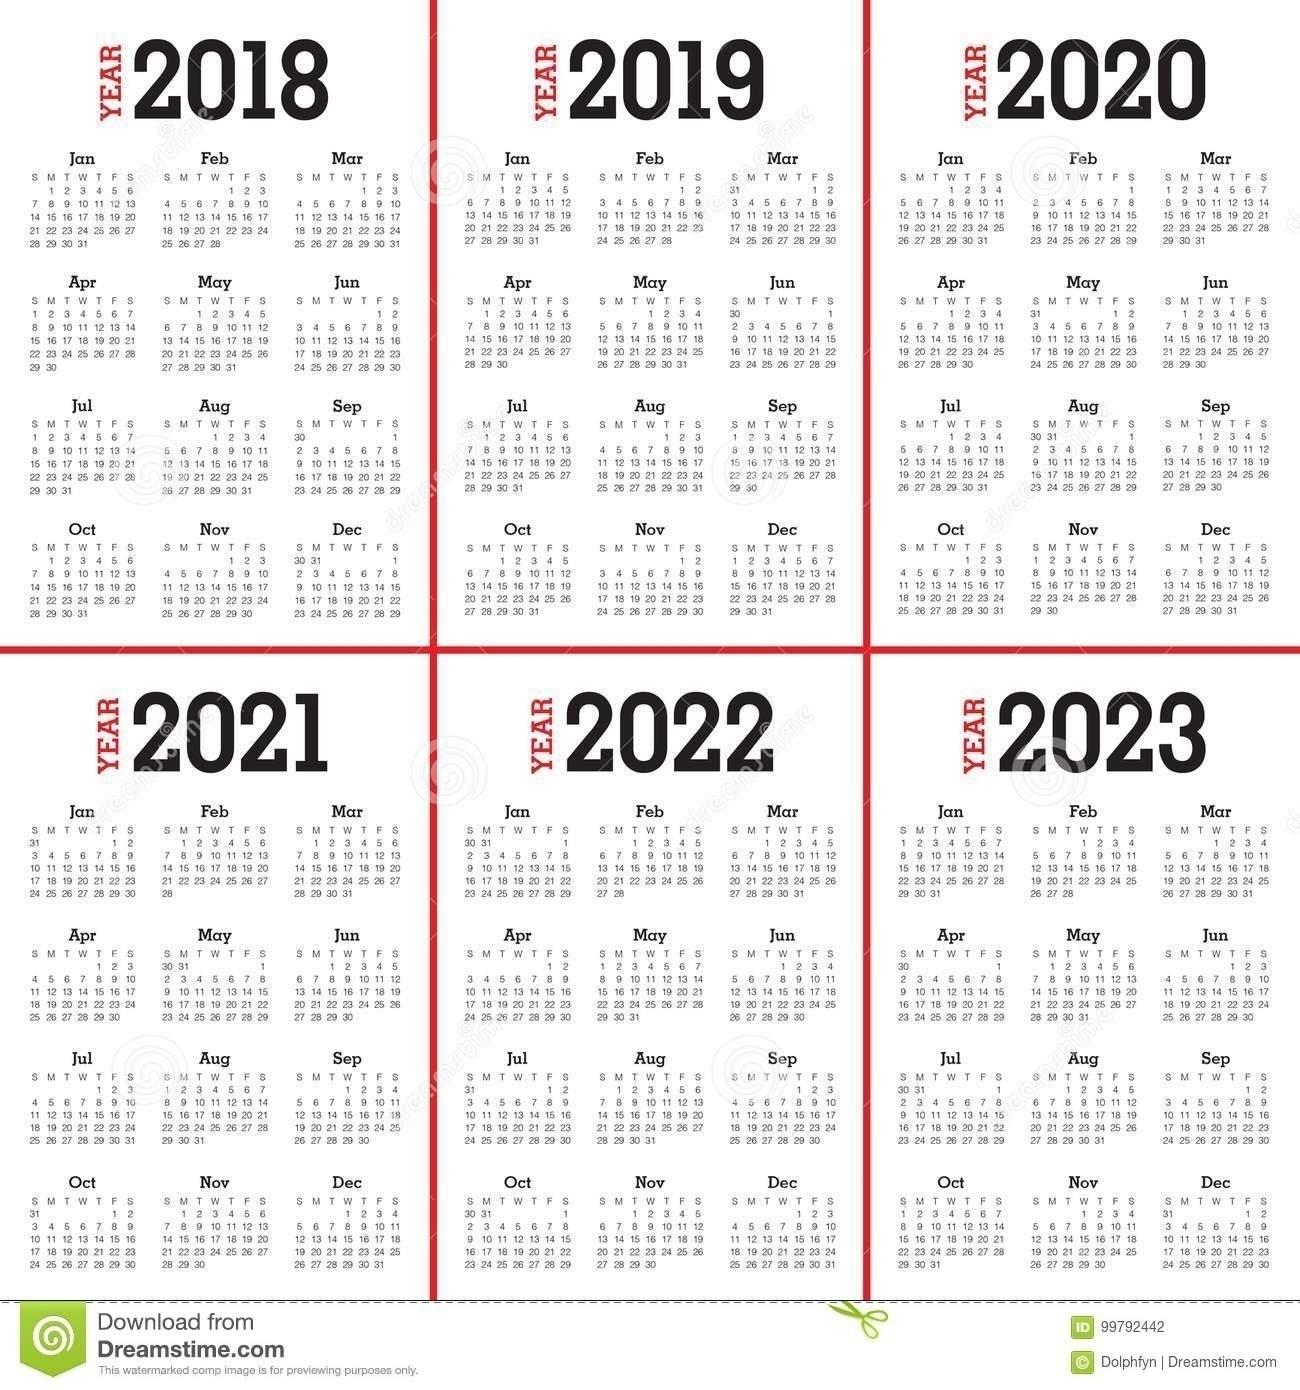 2023 Calendar Printable One Page E Printable | Template Calendar regarding 2023 Calendar Printable One Page E Printable